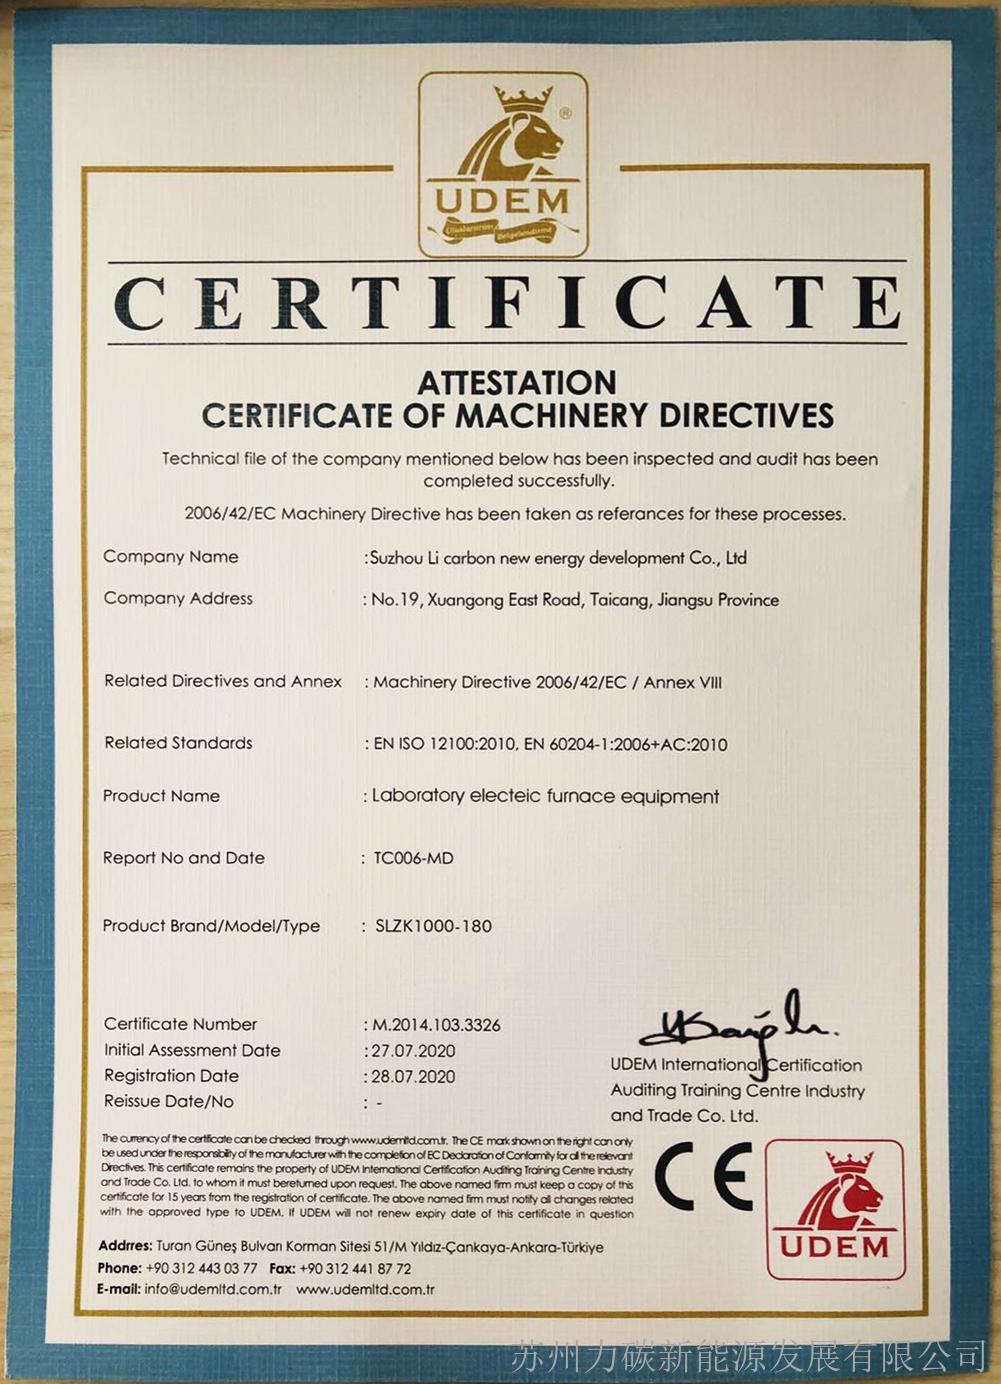 机械指令认证证书